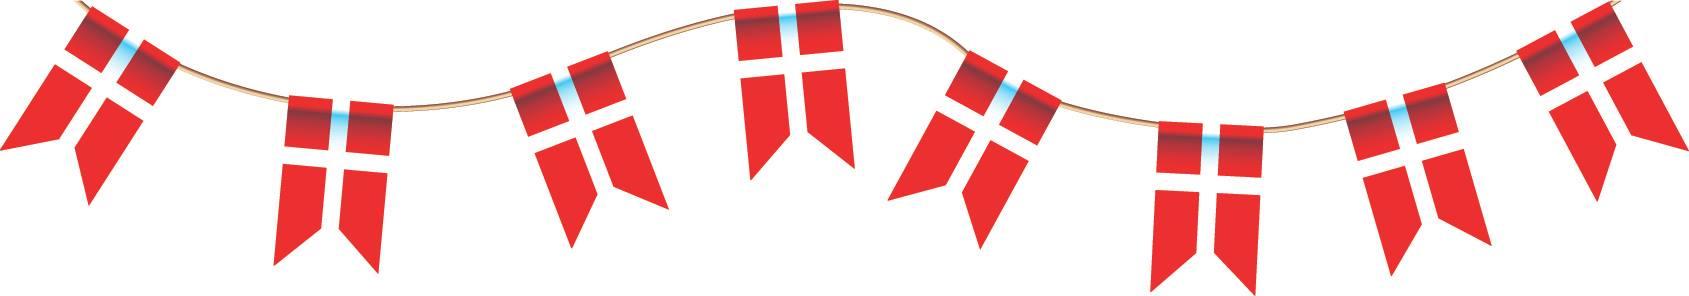 Øster Hurup Legeland